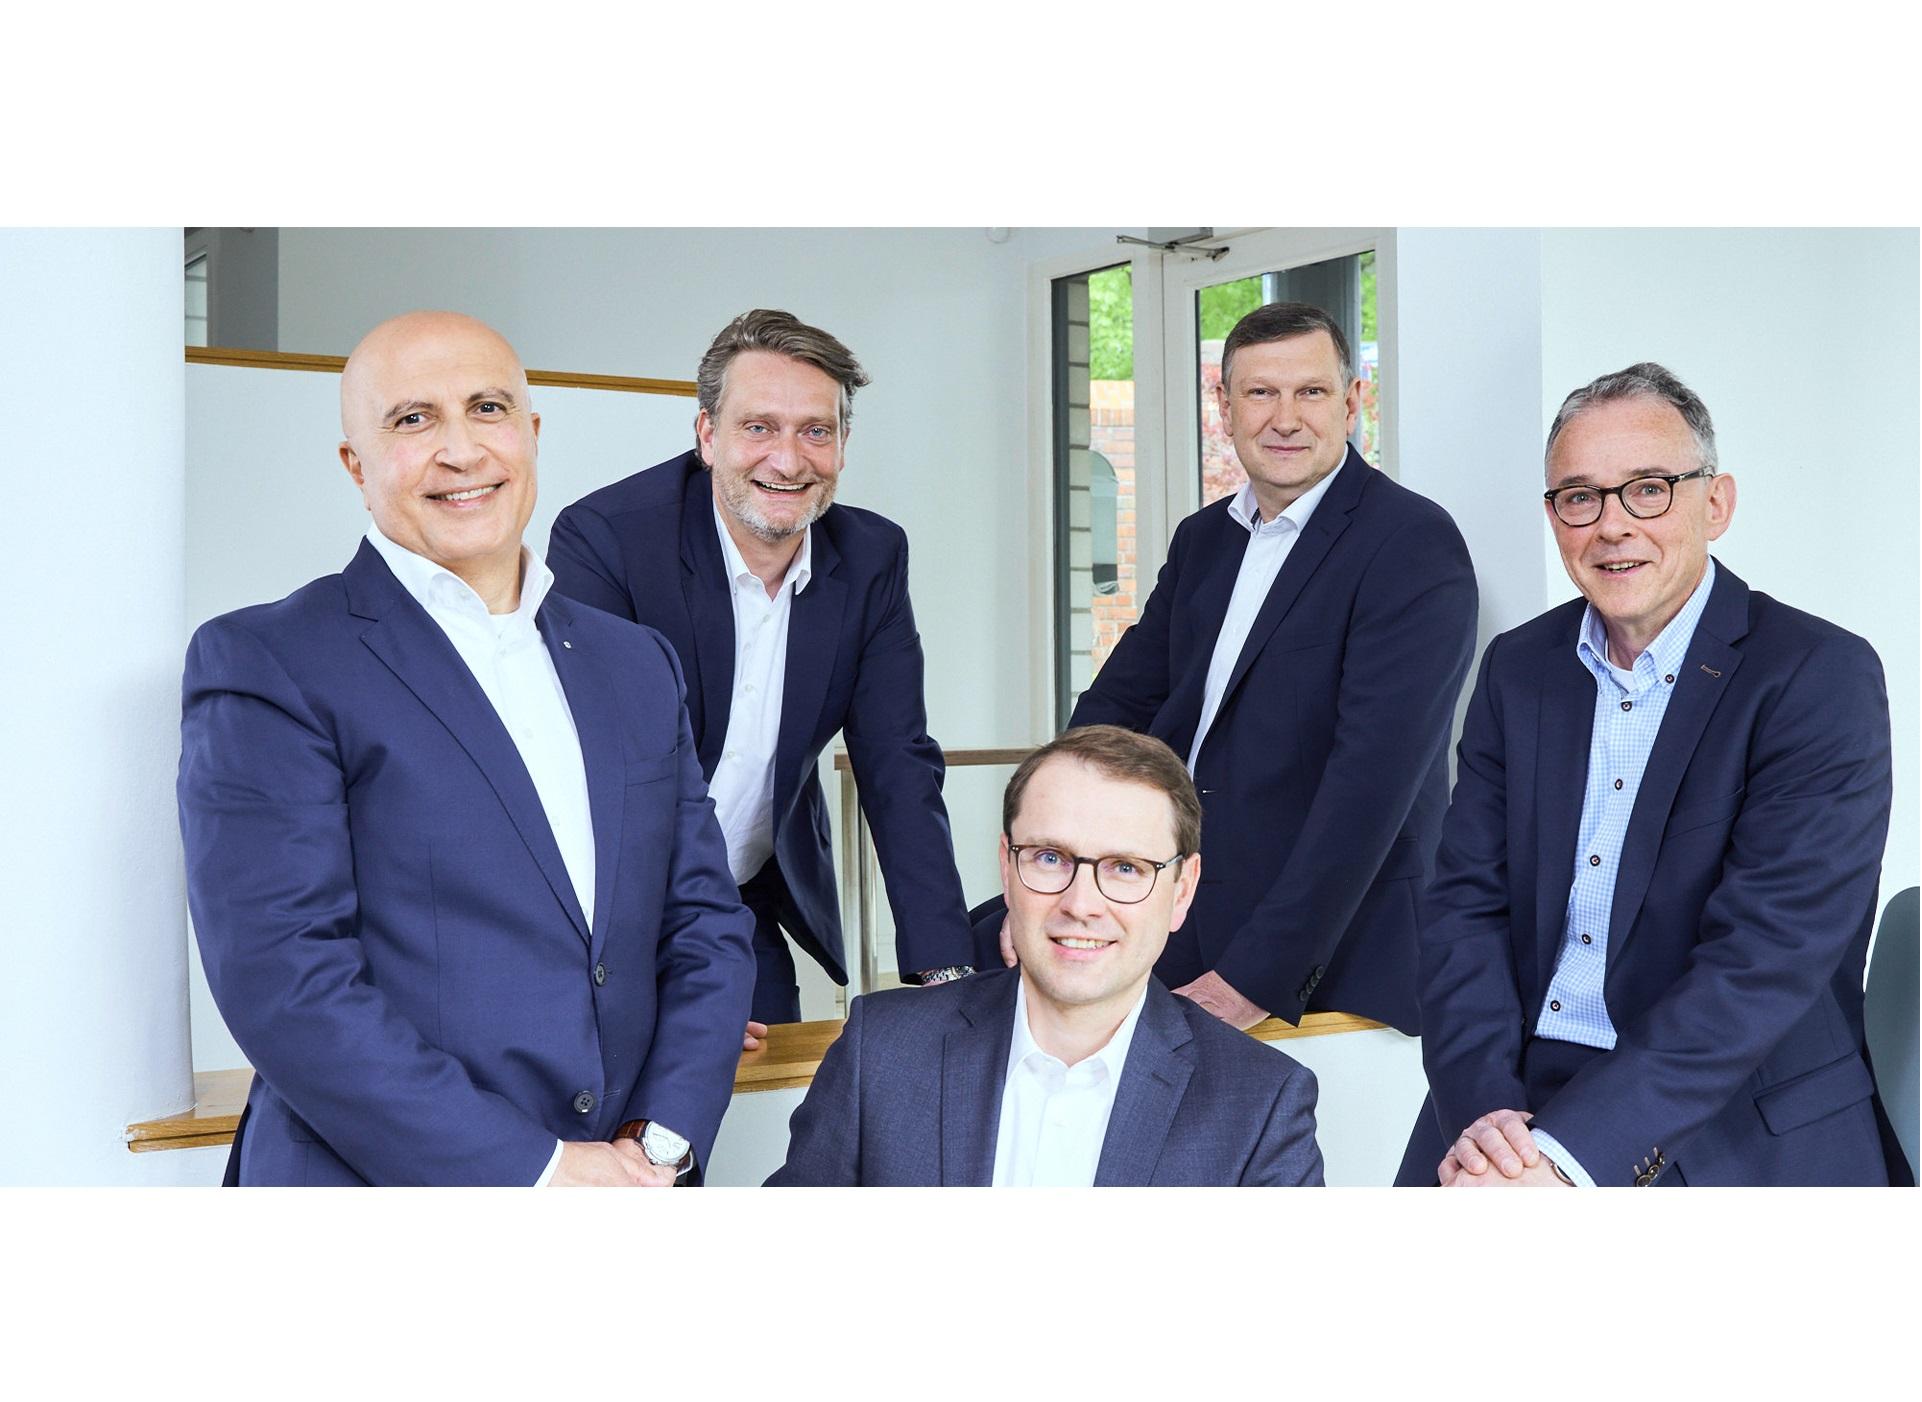 Die assmann gruppe hat die Weichen für die Zukunft gestellt – von links: (vorn) Mohamed Genedy, Ralf Uennigmann, Ulrich Schneider, (hinten) Christian Cramer, Eric Olaf Bruske.